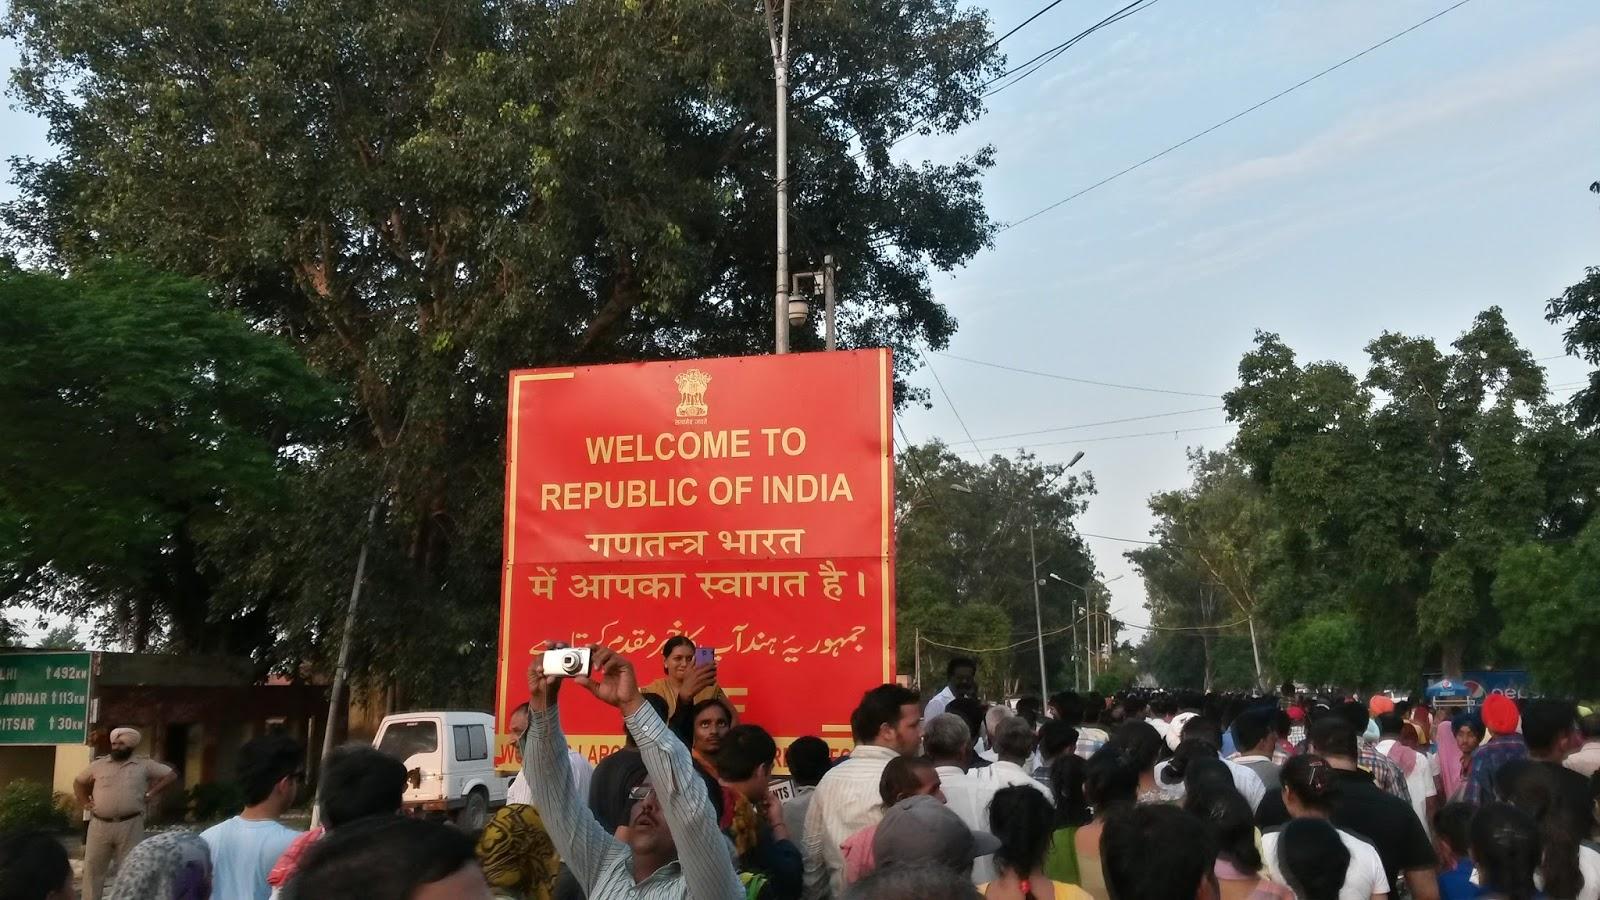 wagah border amritsar lahor pakistan india hindistan